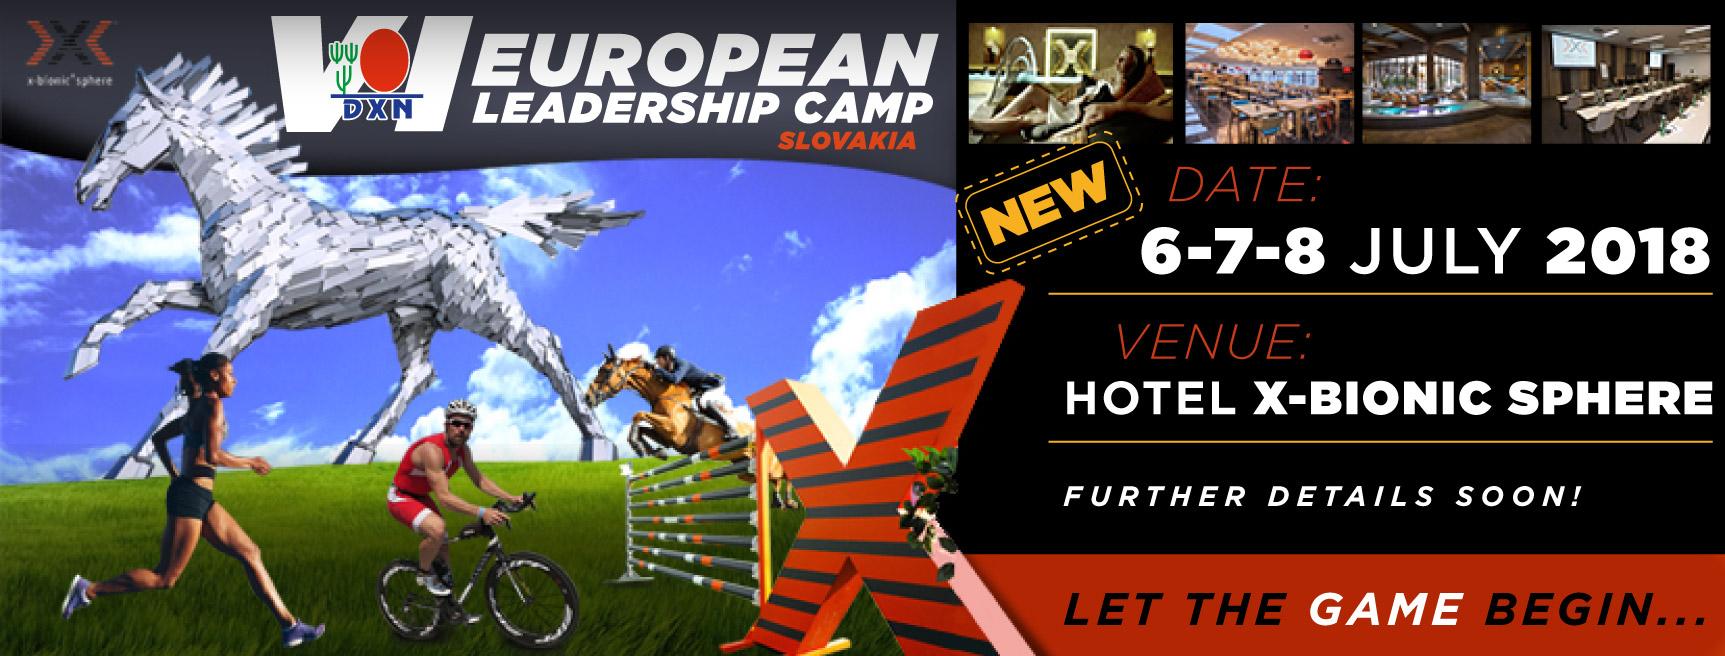 DXN Europa Campamento de liderazgo 2018